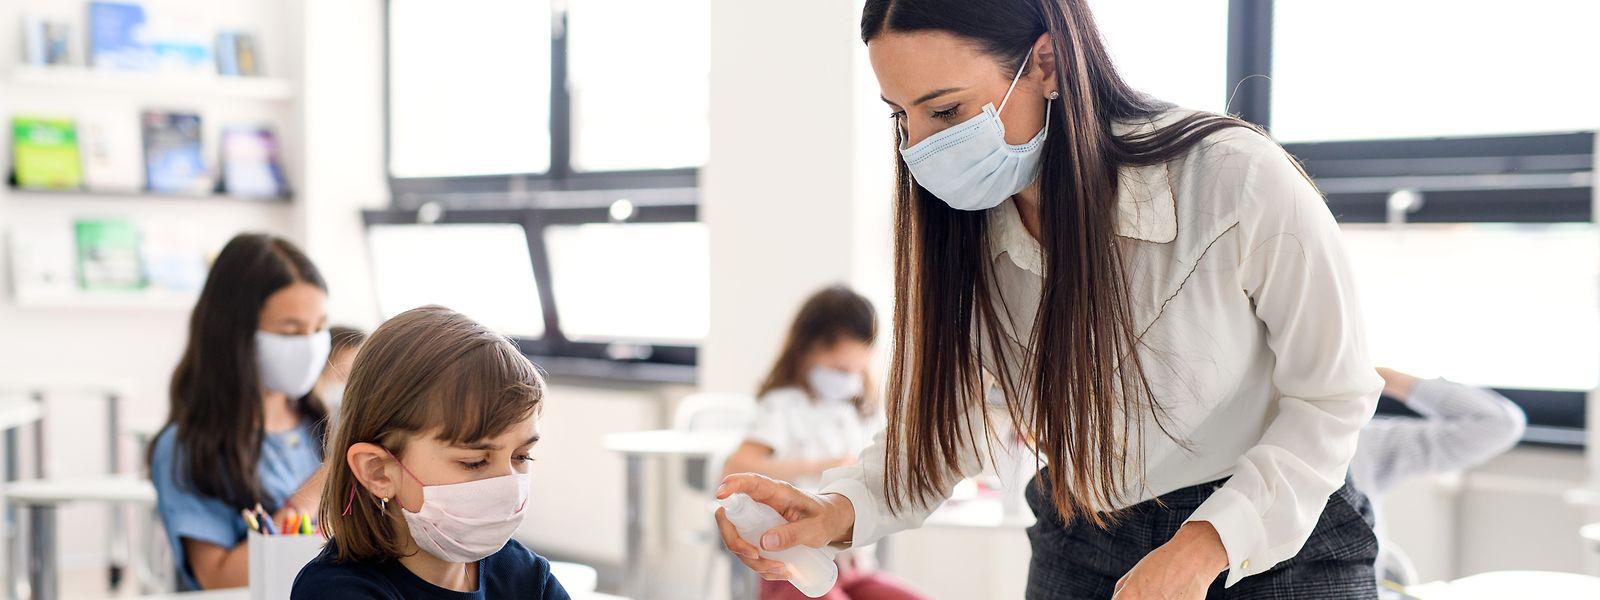 Die Lehrer sind durch die Pandemie gefordert, das ist dem Großteil der Gesellschaft wohl klar. Aber sind das nicht alle Menschen?